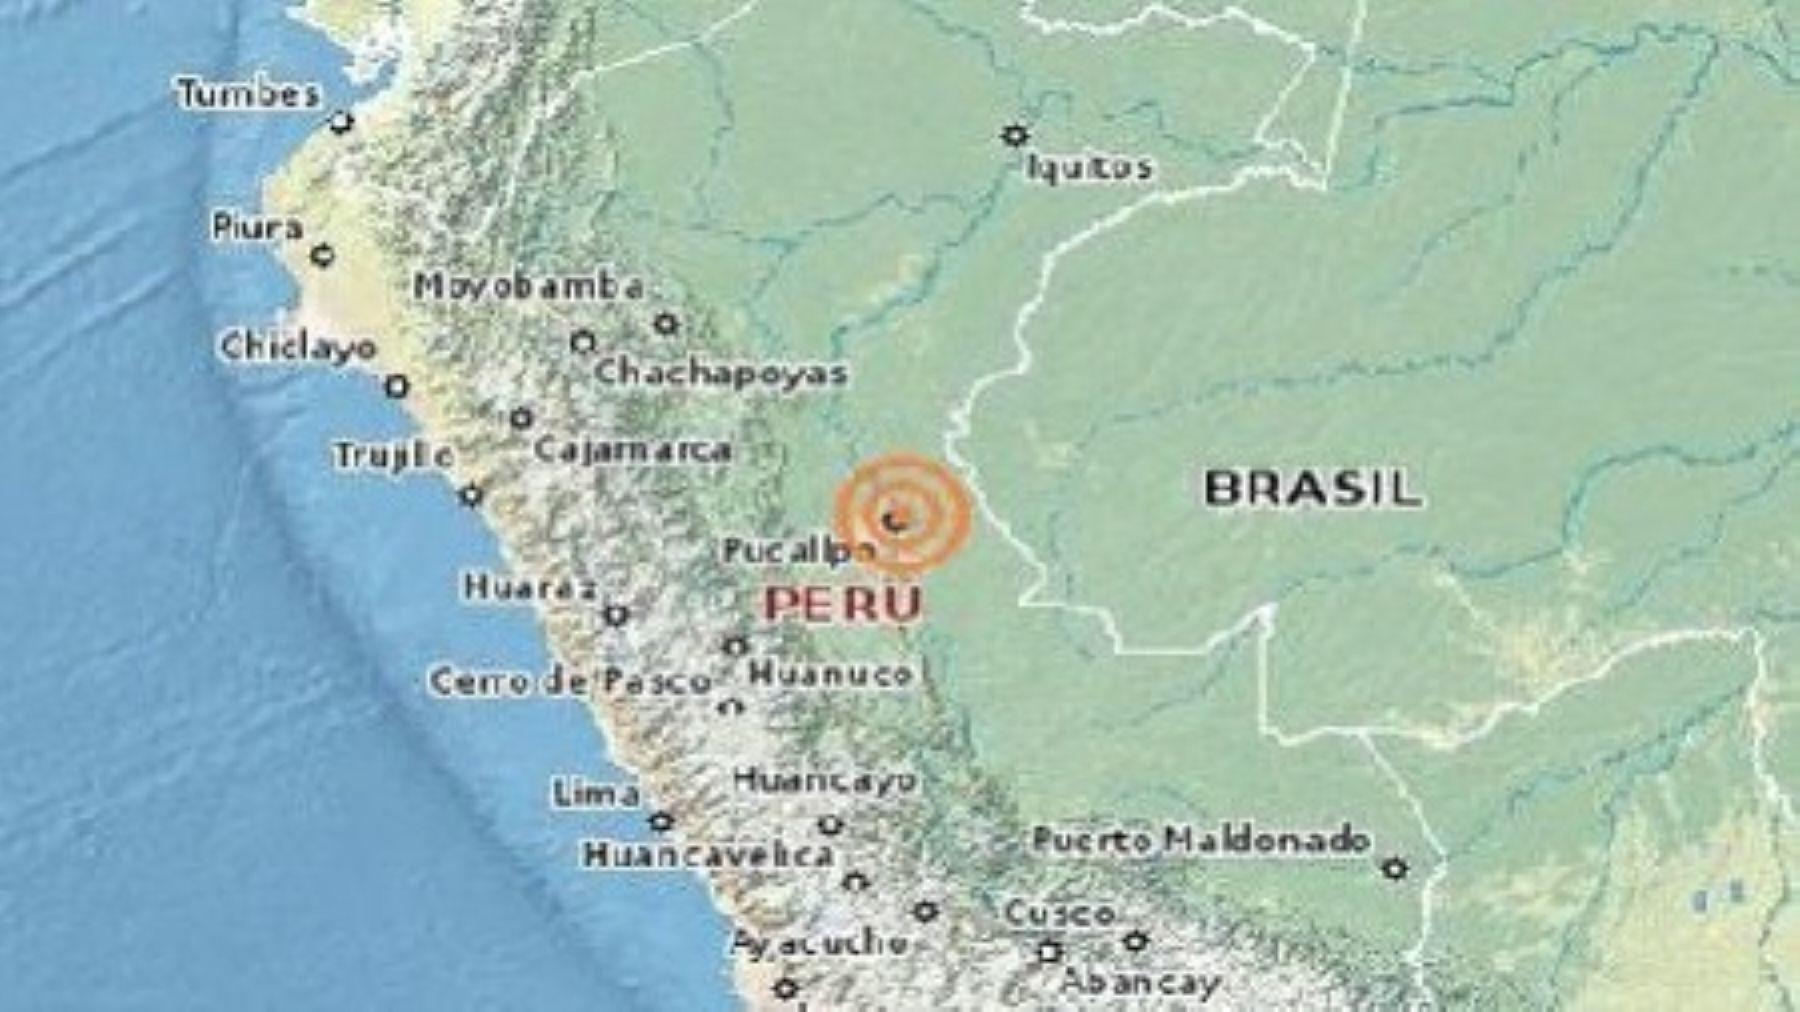 Un sismo de magnitud 4.1 en la escala de Richter se registró esta tarde s 23 kilómetros al sureste de la ciudad de Pucallpa, provincia de Coronel Portillo, región Ucayali, reportó el Instituto Geofísico del Perú (IGP).I NTERNET/Medios